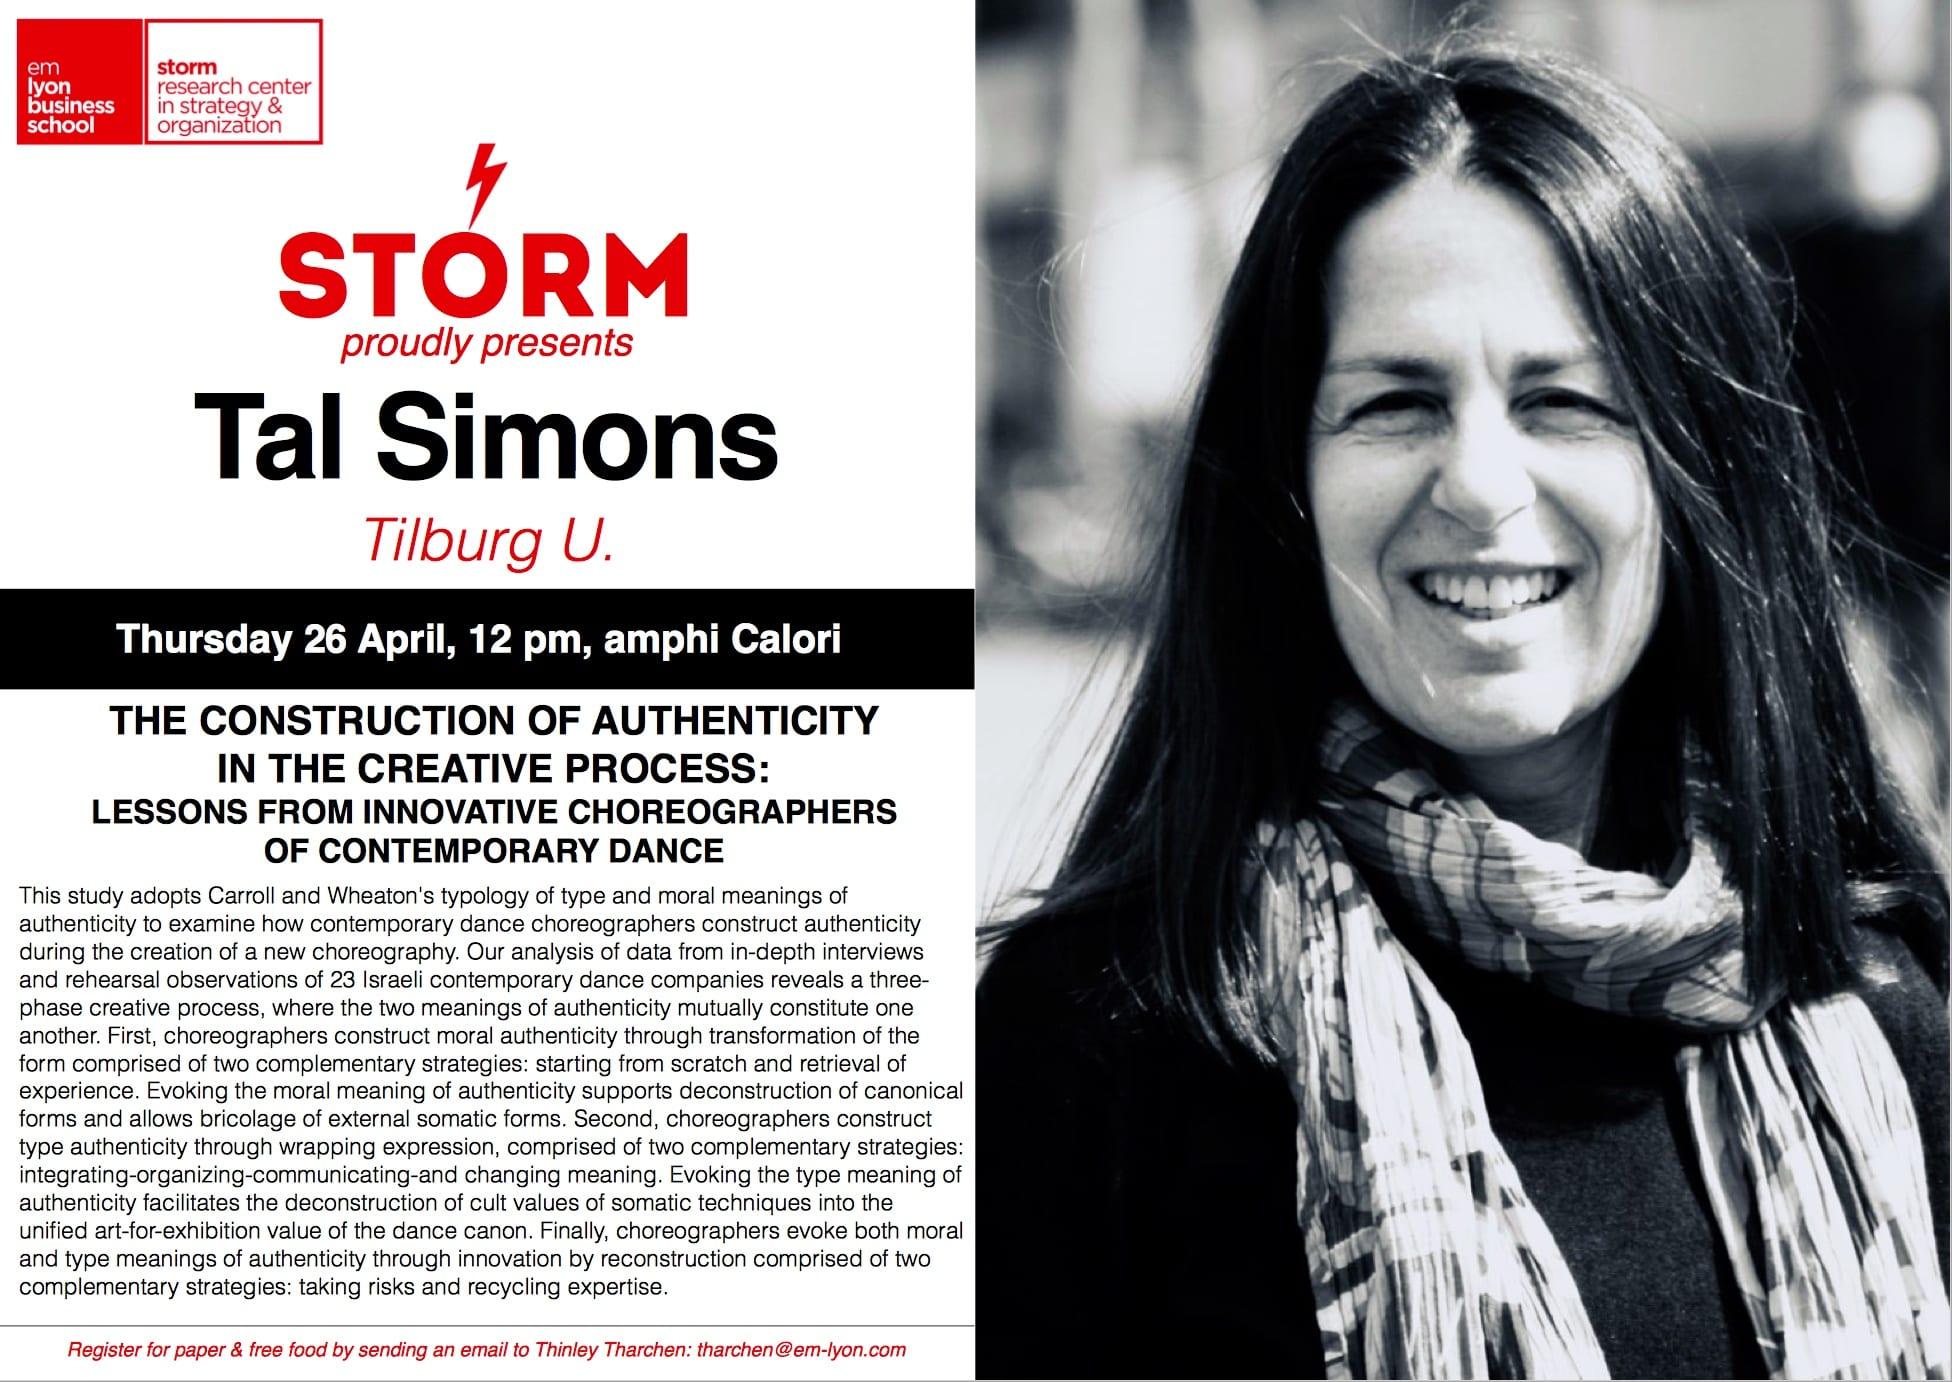 26 April 2018: TAL SIMONS (Tilburg U.)